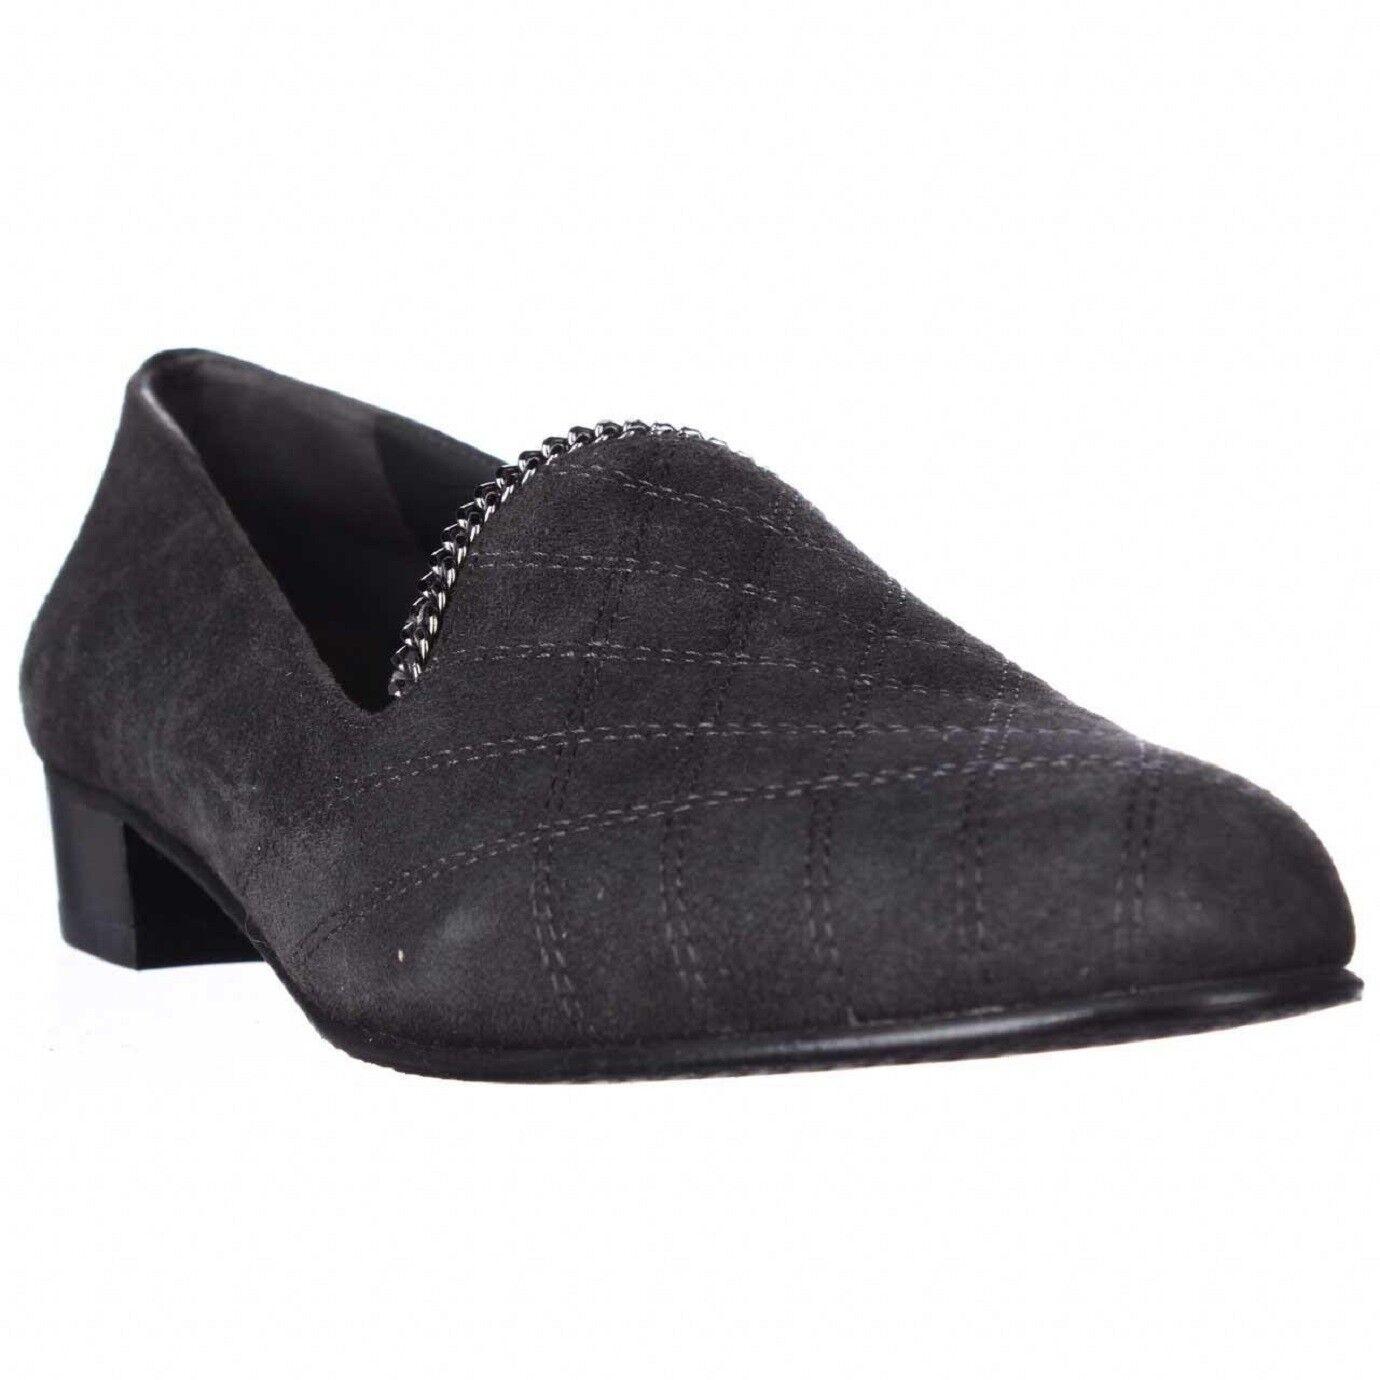 Stuart Weitzman  375 para mujer Hallmark Mocasín Mocasín Mocasín Zapatos De Gamuza Pizarra 6 Nuevo En Caja 7f90c3